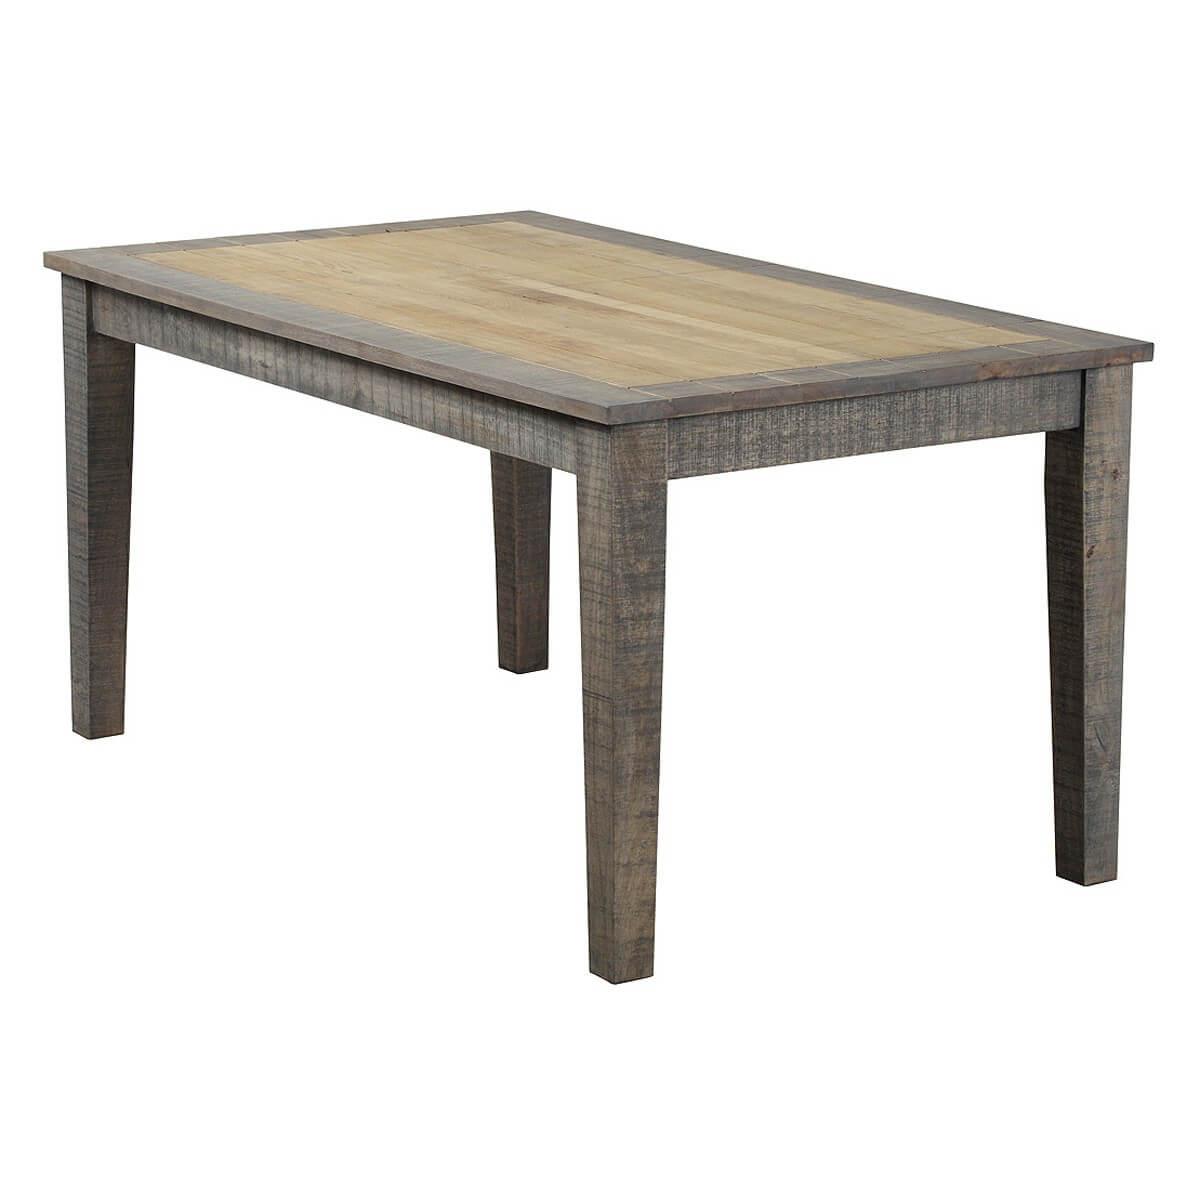 Esstisch taarbek 160x90 aus massivholz in beige braun for Esstisch aus massivholz